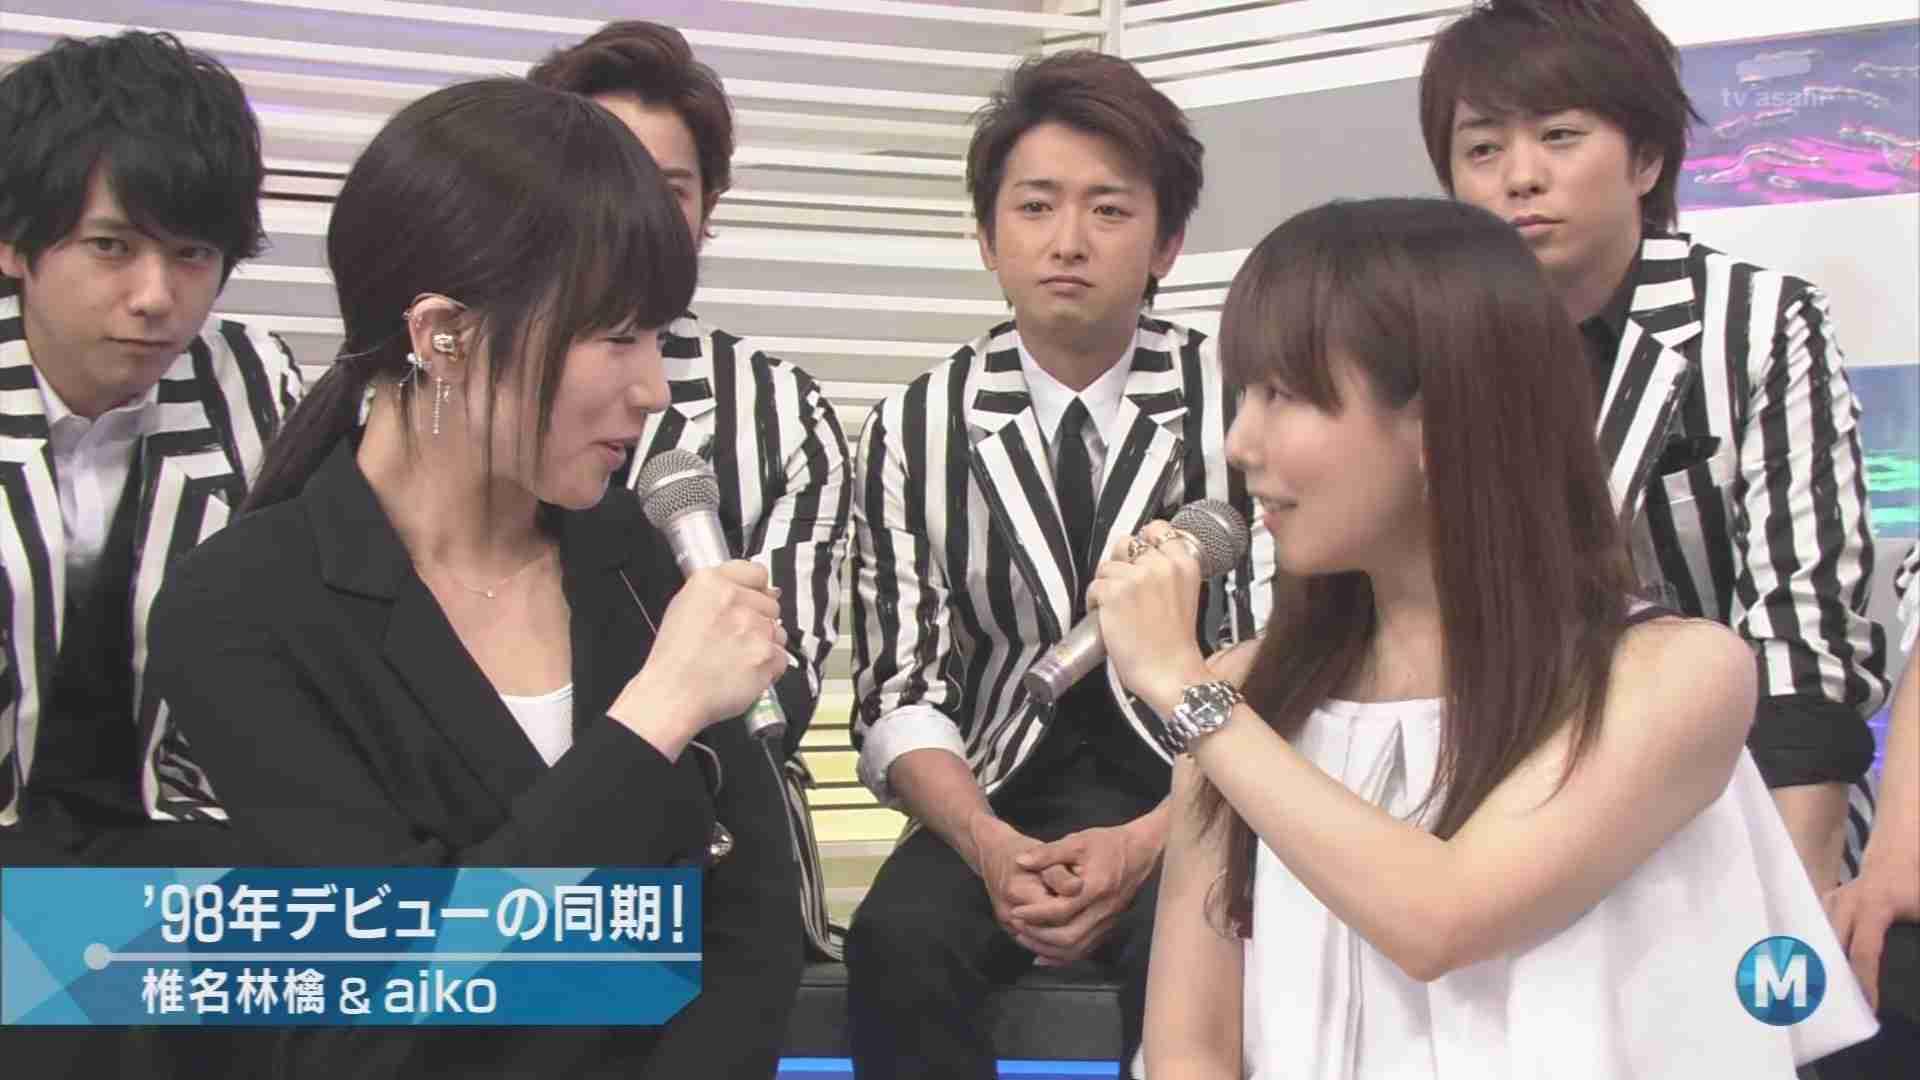 椎名林檎さんが大好きな方語りましょう!